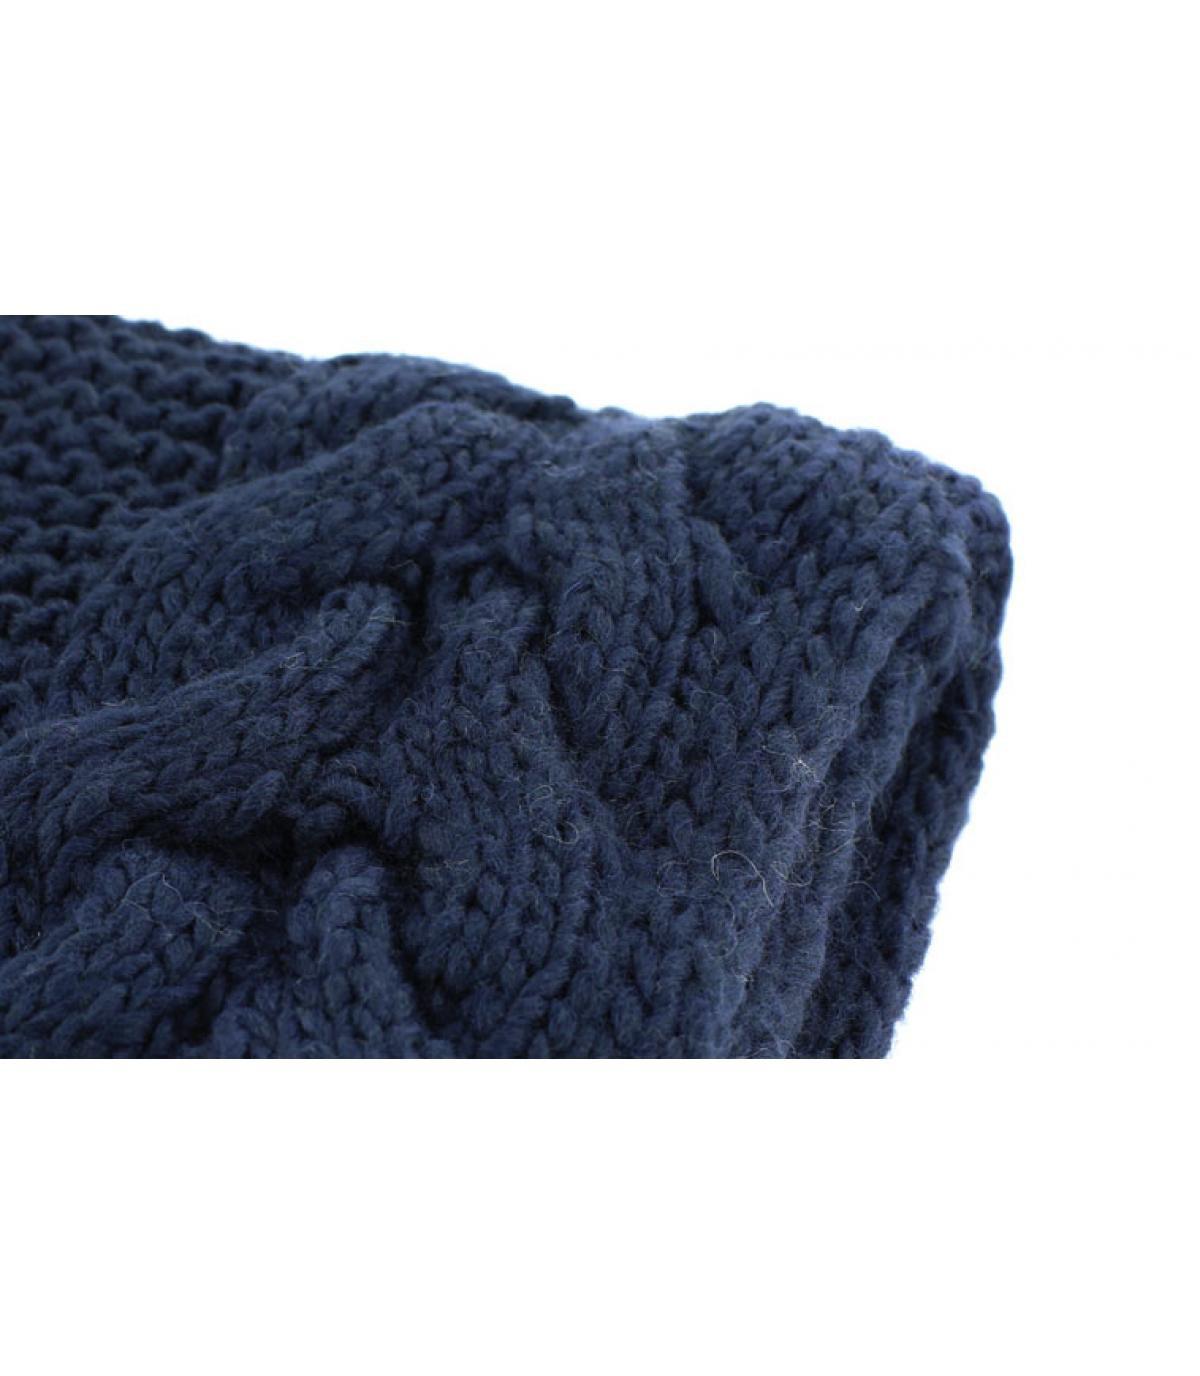 Schal Fransen marineblau